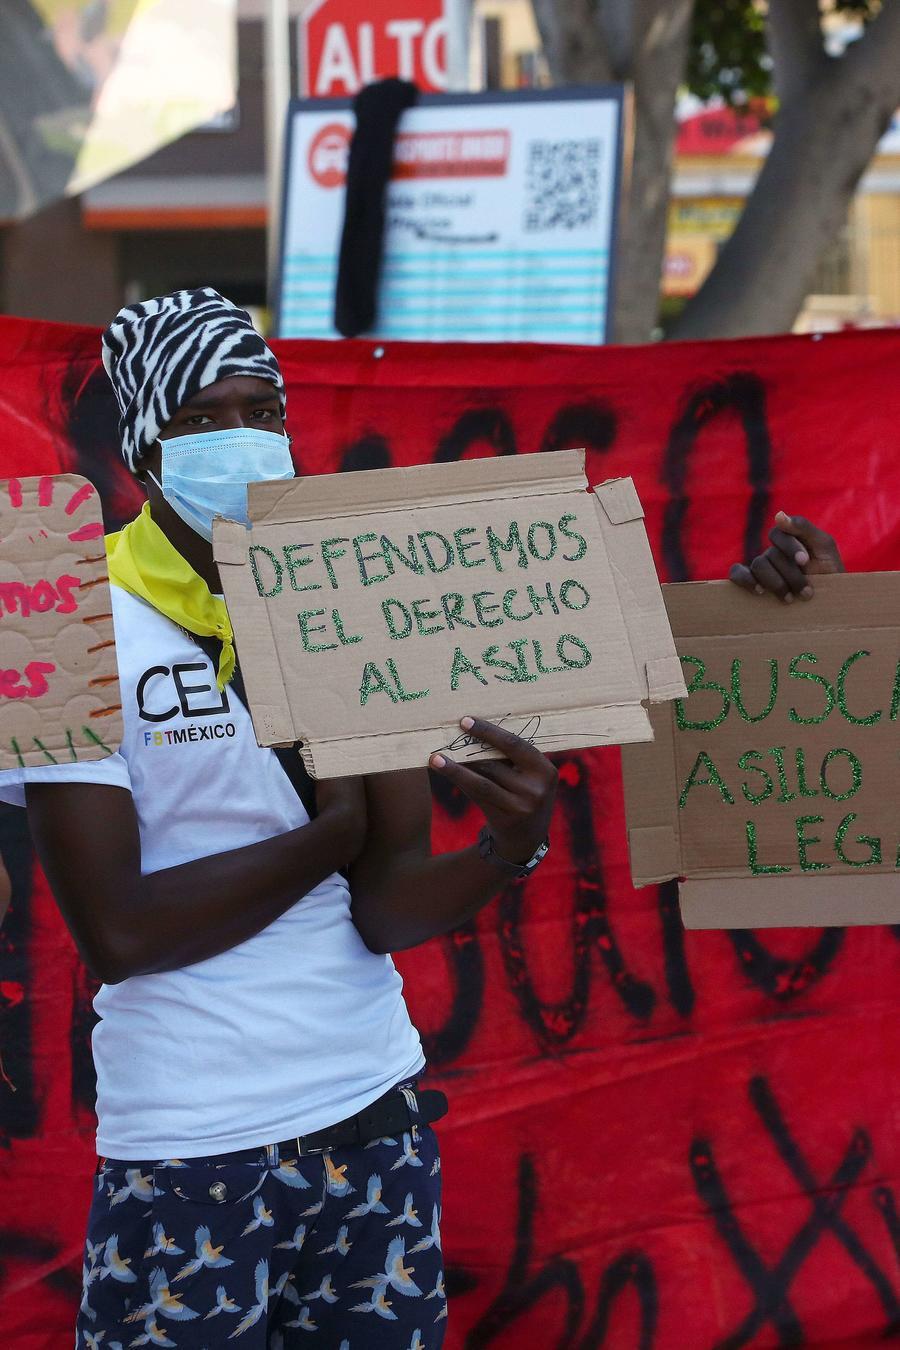 Un grupo de solicitantes de asilo protestaba en Tijuana, México, el 21 de octubre de 2020.